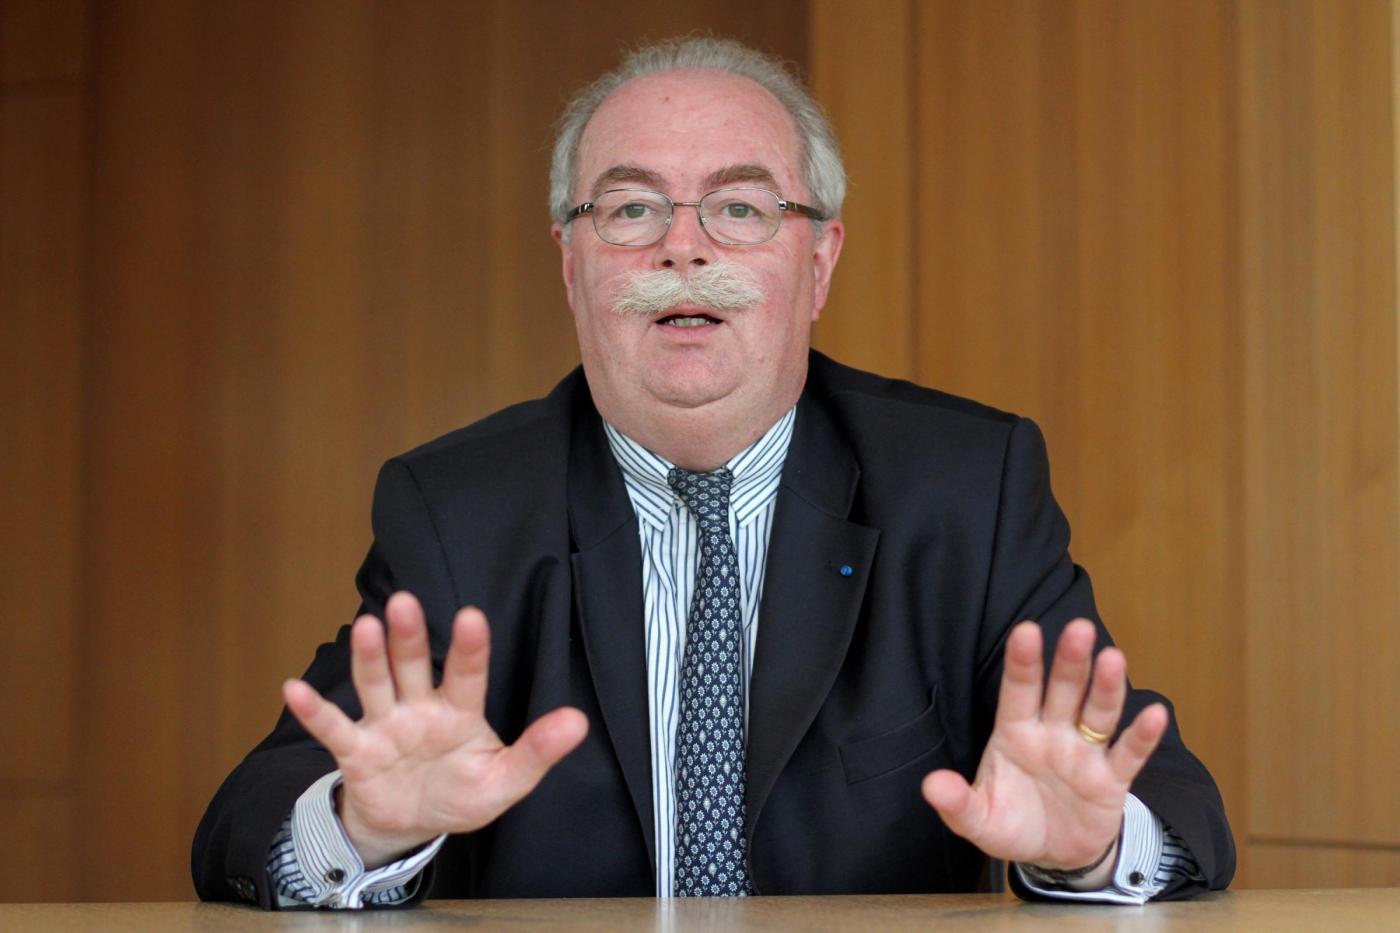 Chi era Christophe de Margerie, presidente della Total morto in un incidente aereo